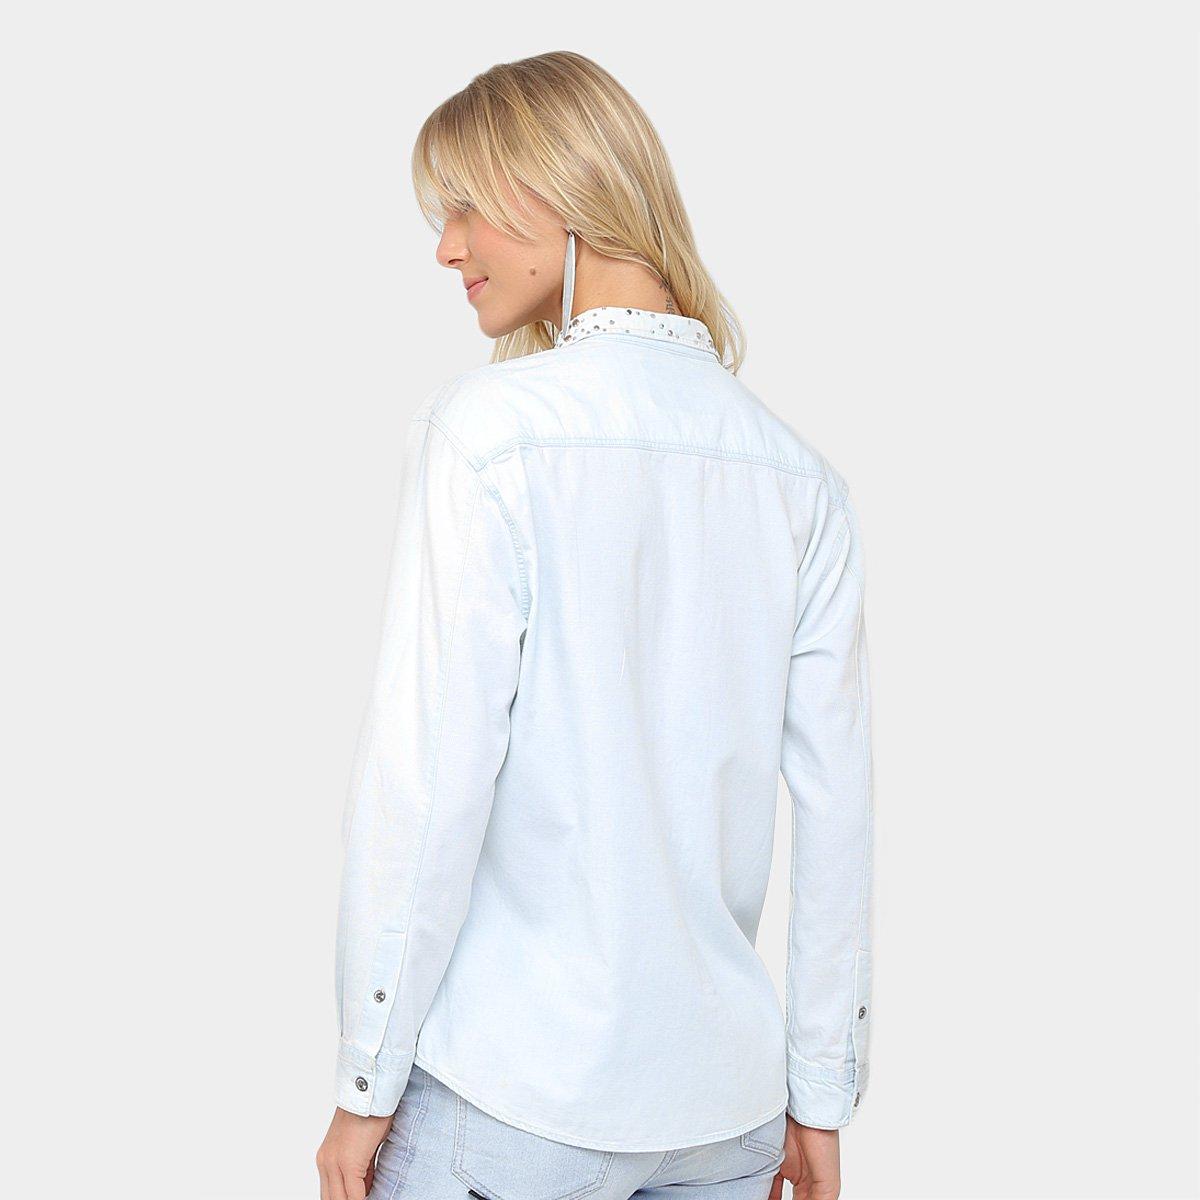 546f2dc4b6 Camisa Jeans Ellus Pedraria Feminina; Camisa Jeans Ellus Pedraria Feminina  ...